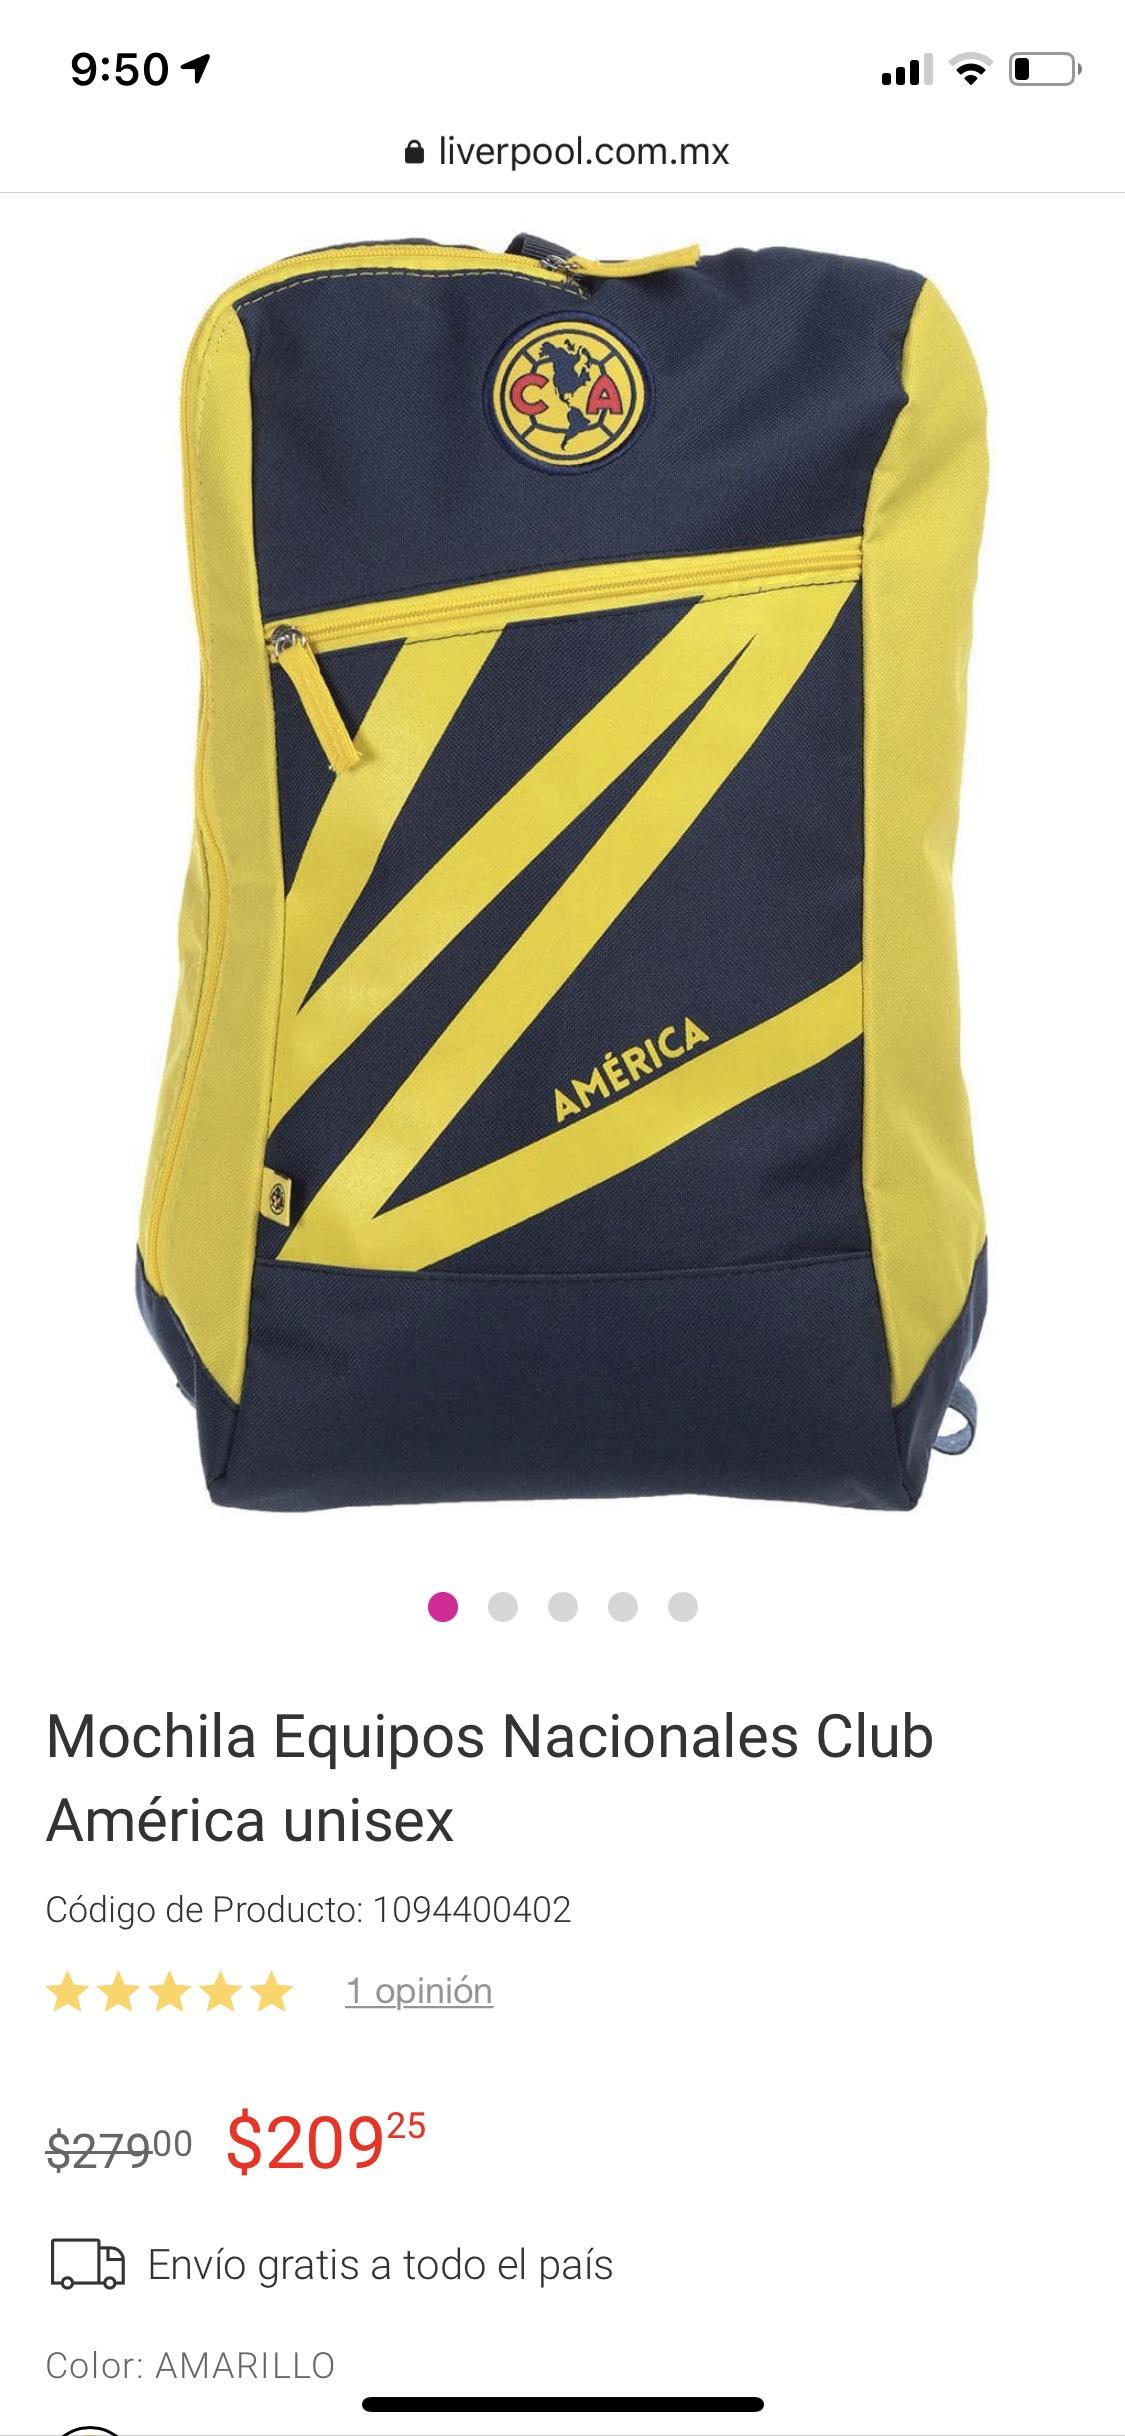 Liverpool: Mochila Equipos Nacionales Club América unisex